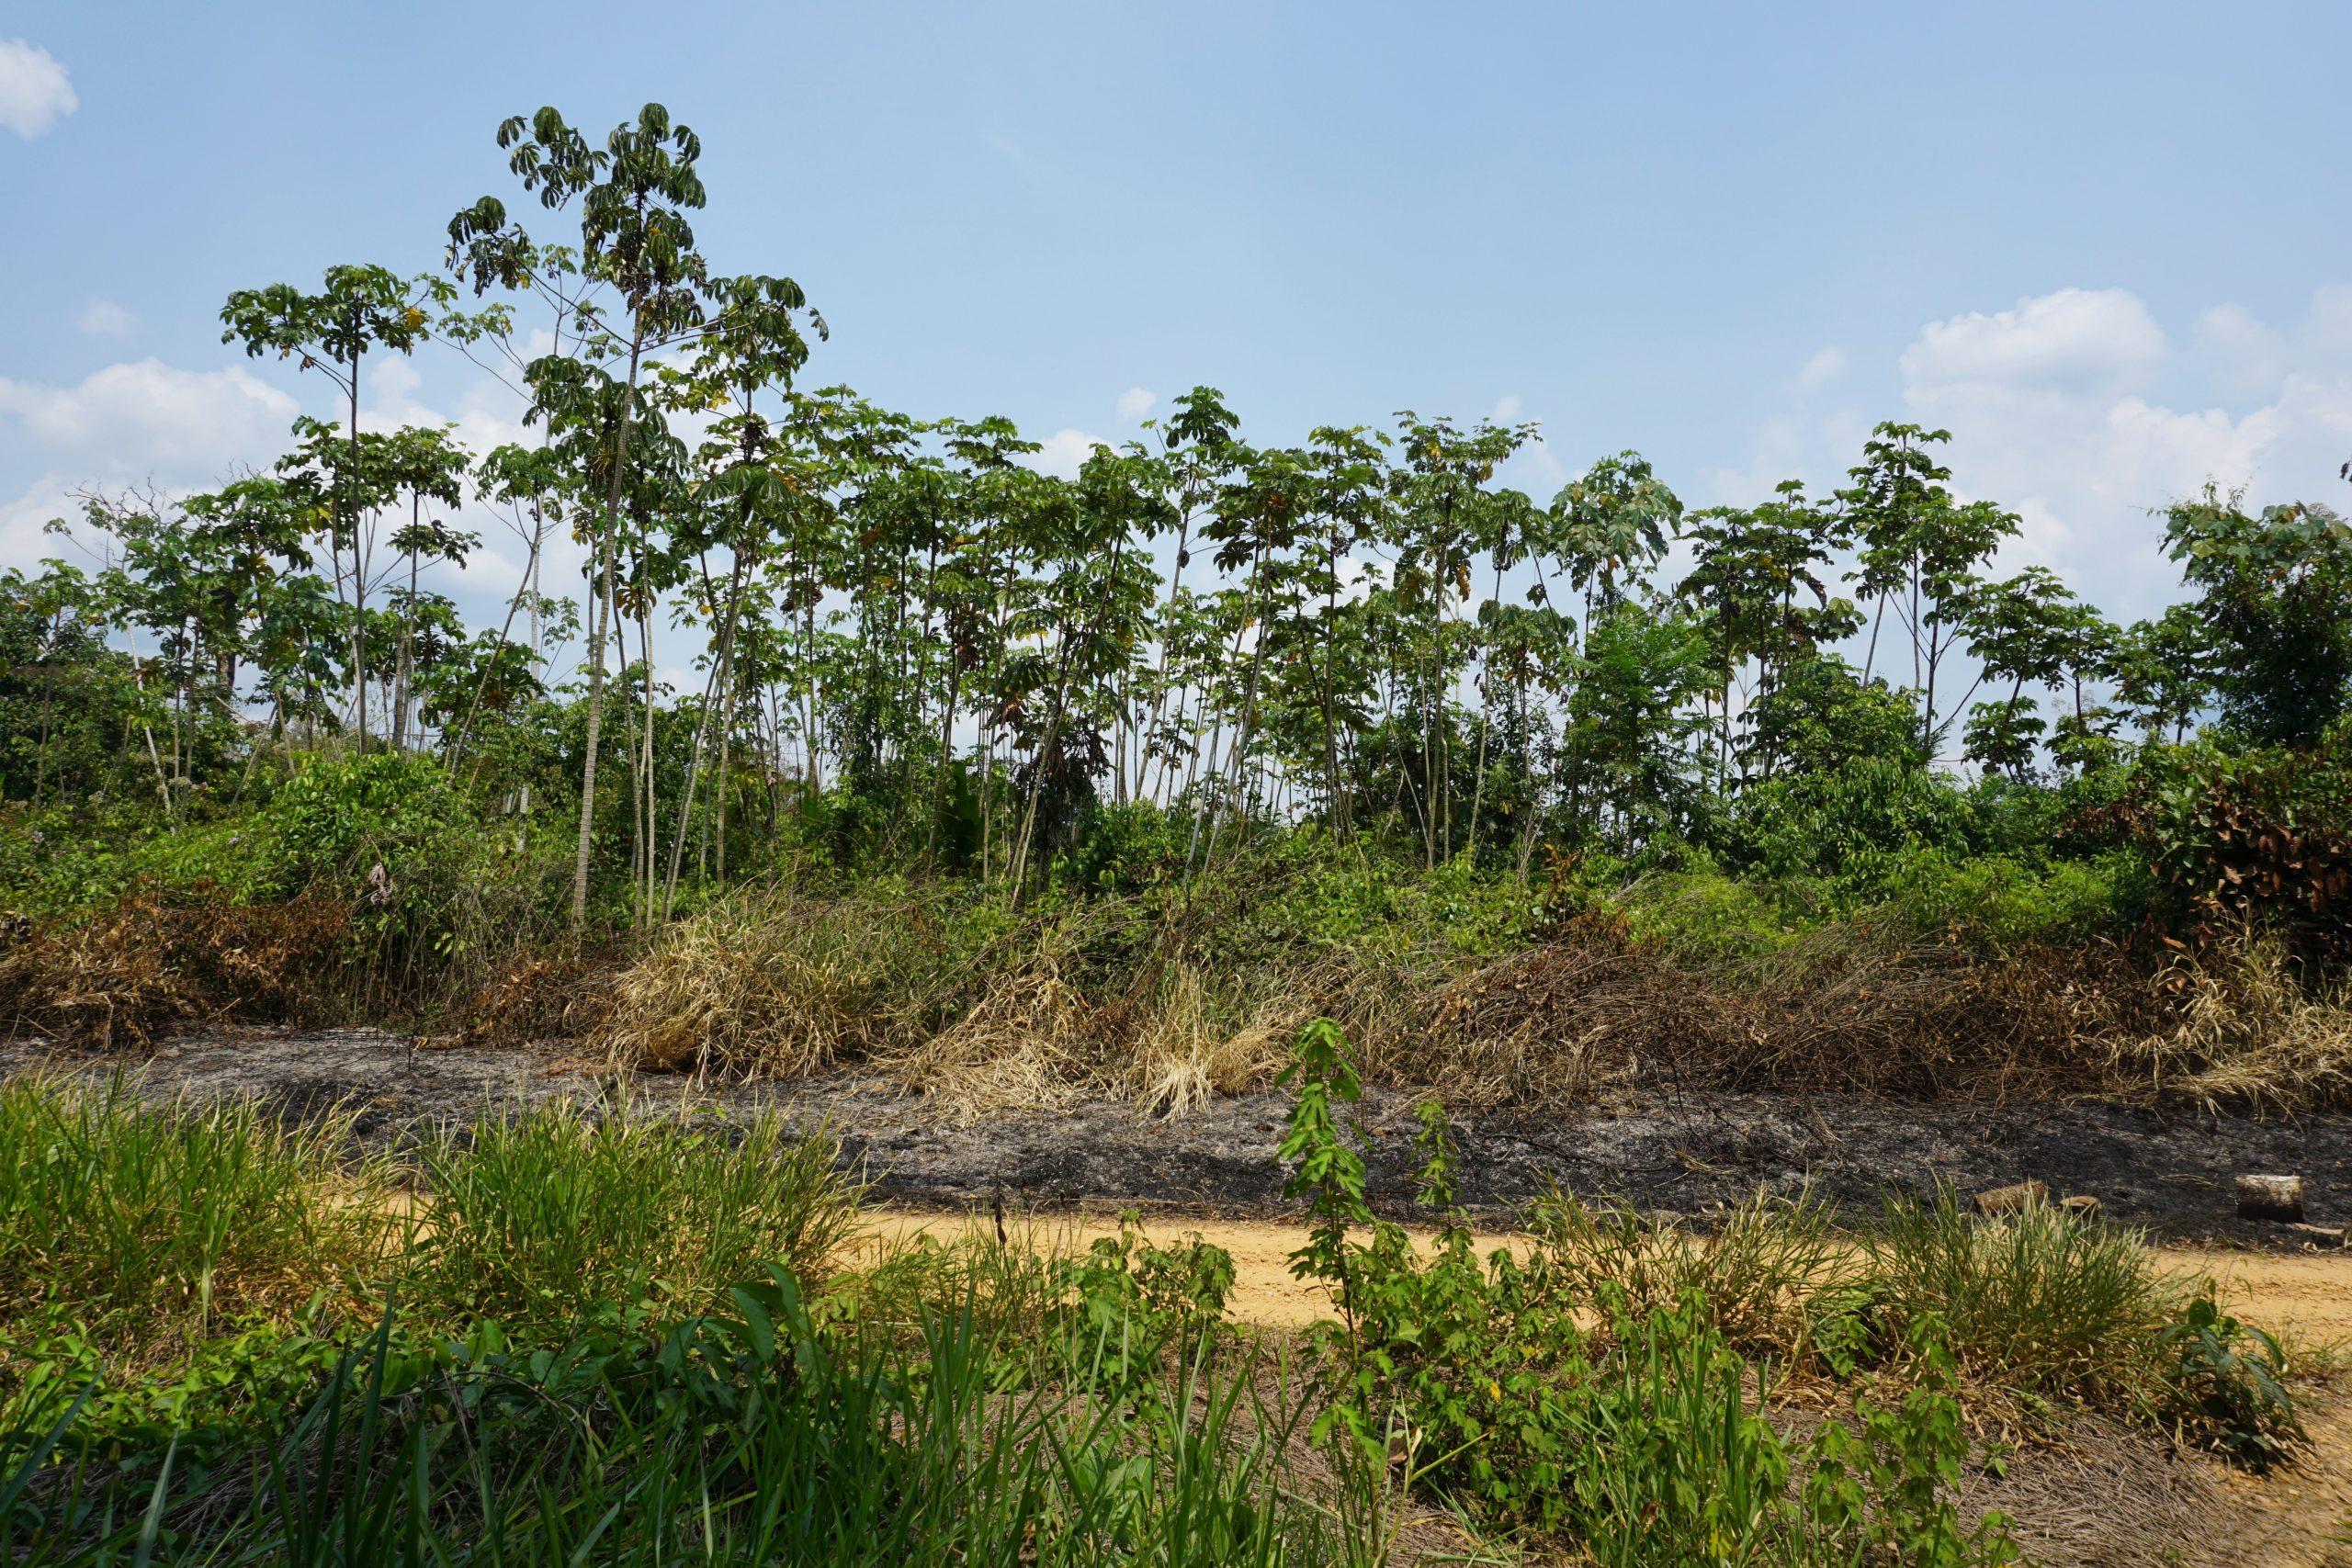 Deforested area close to Alegria, Madre de Dios.